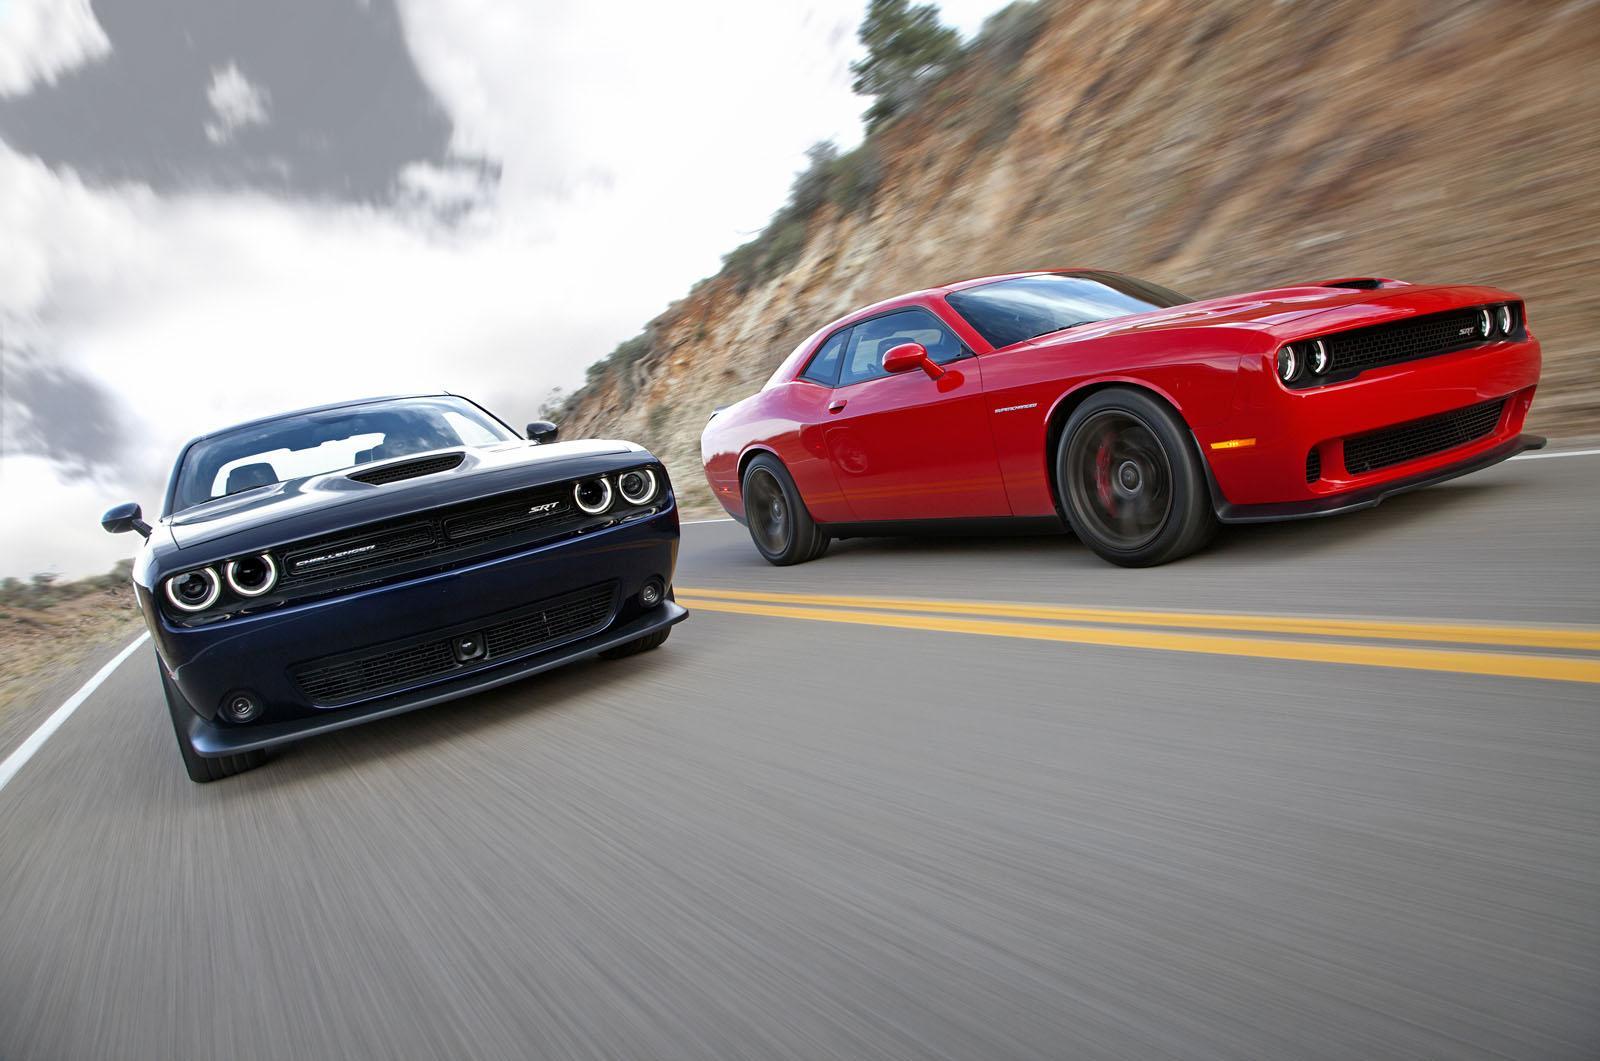 Dodge Challenger Srt Hellcat Revealed Chrysler S Most